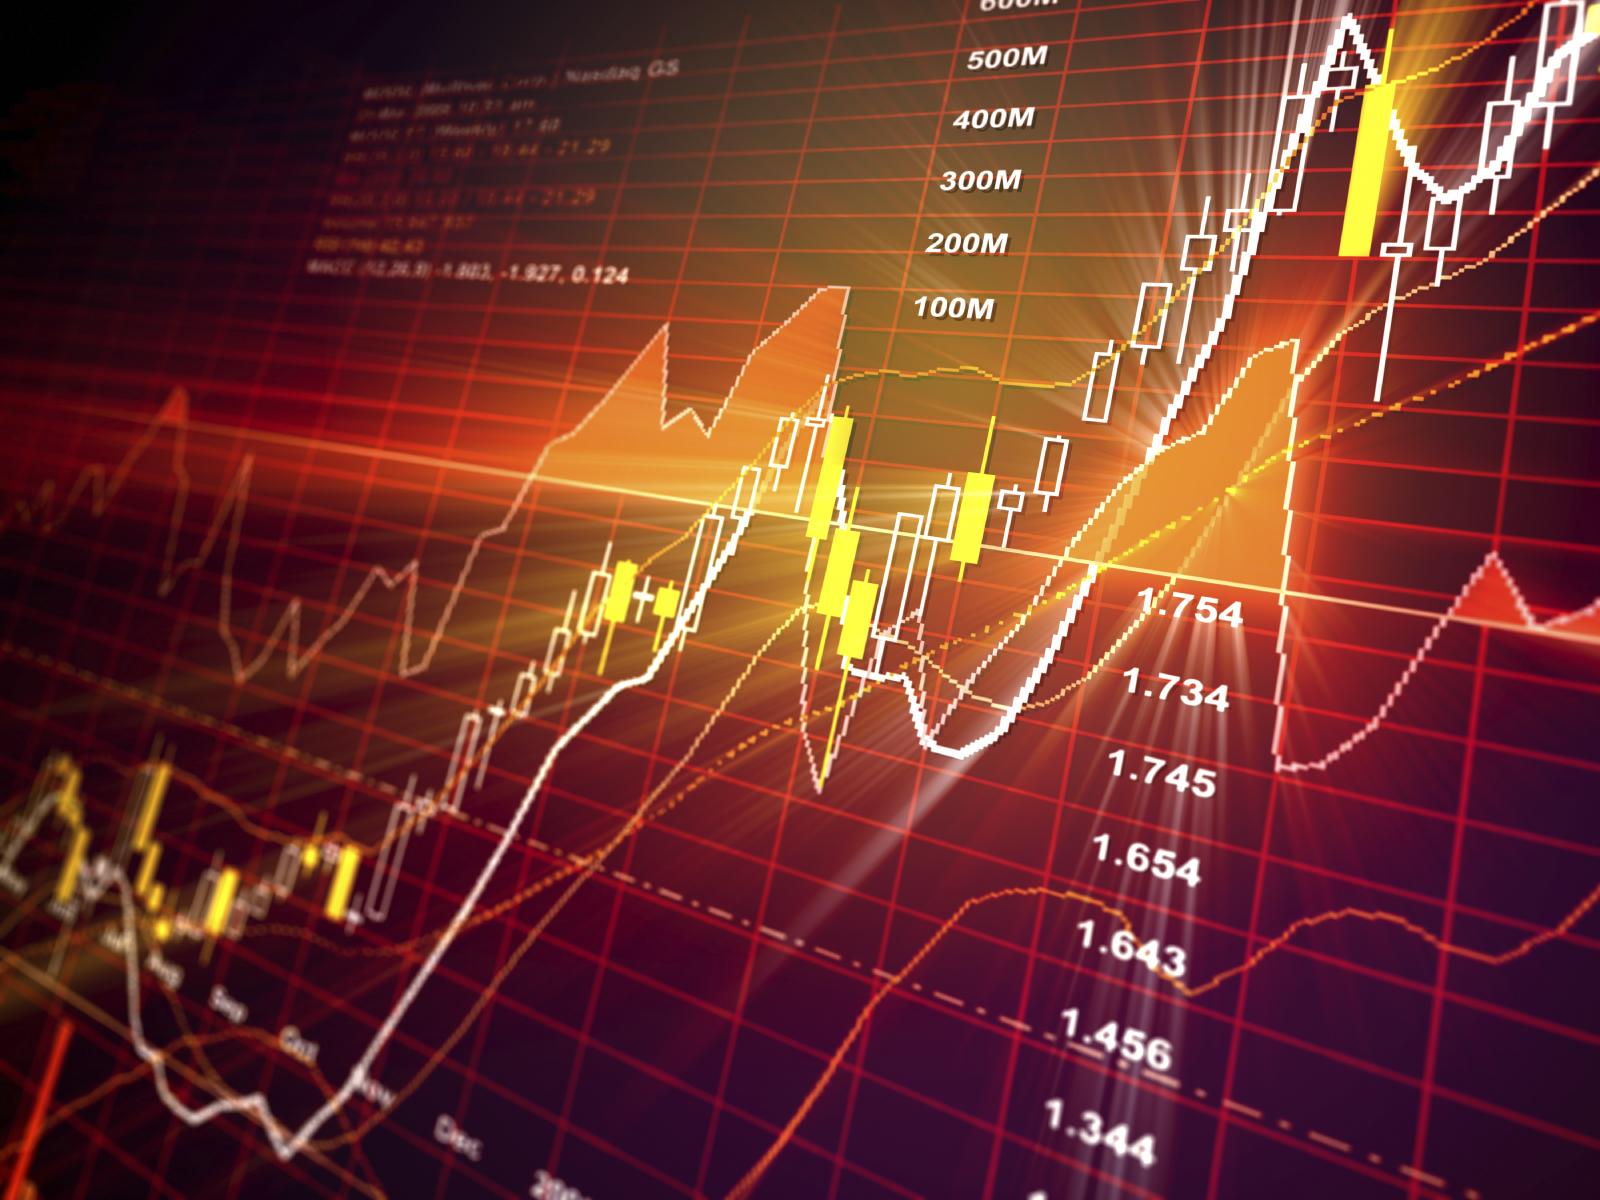 investitore professionale definizione